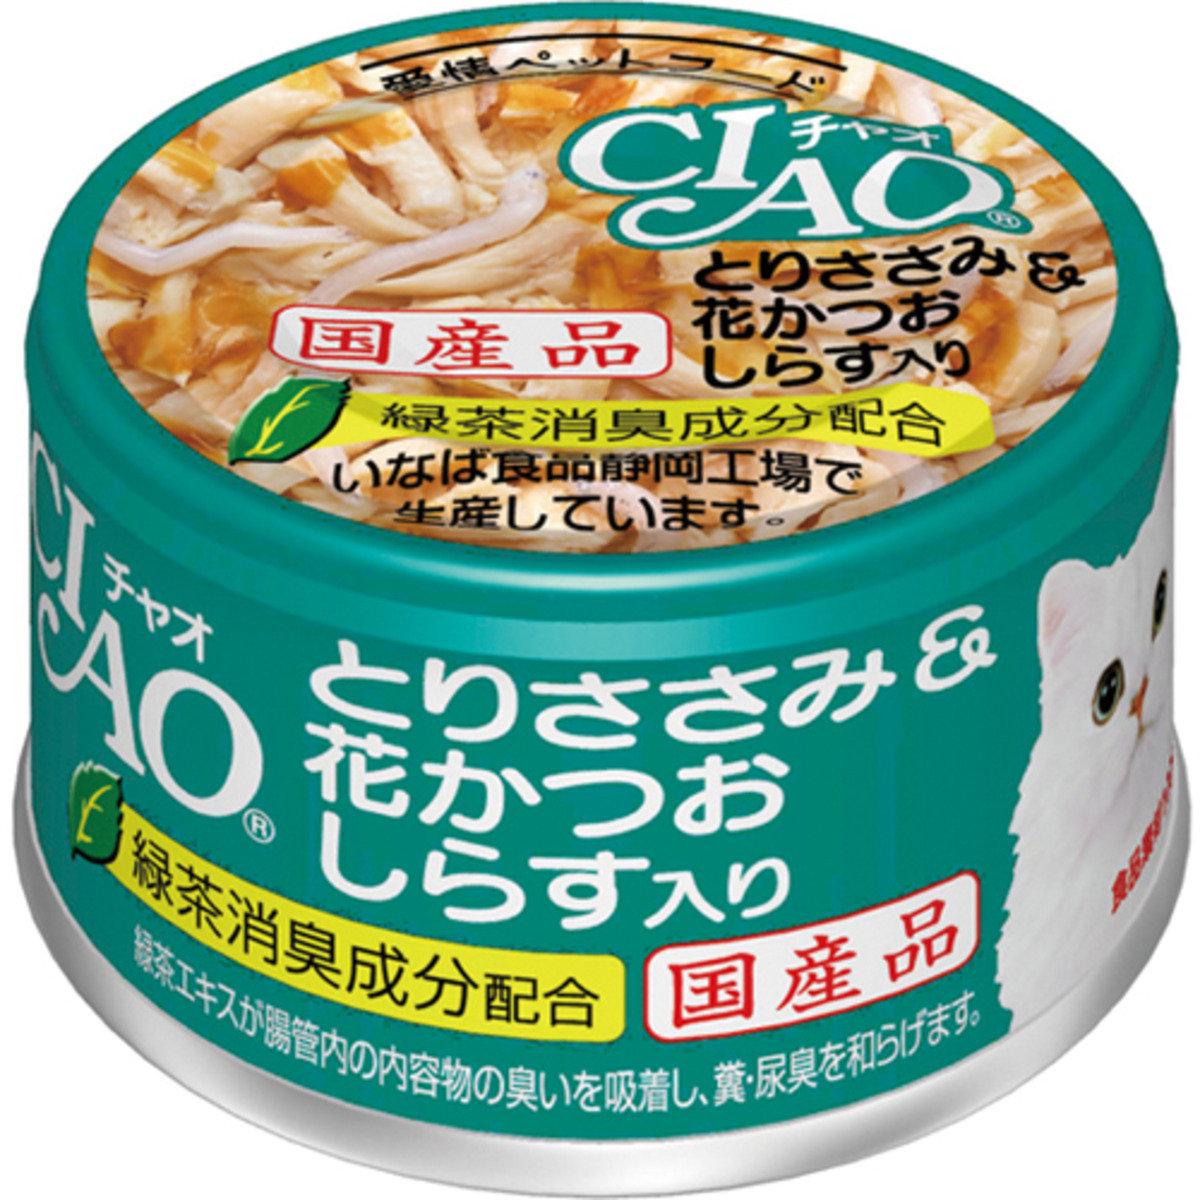 INABA 綠茶雞肉鰹魚銀魚 A-16 85g